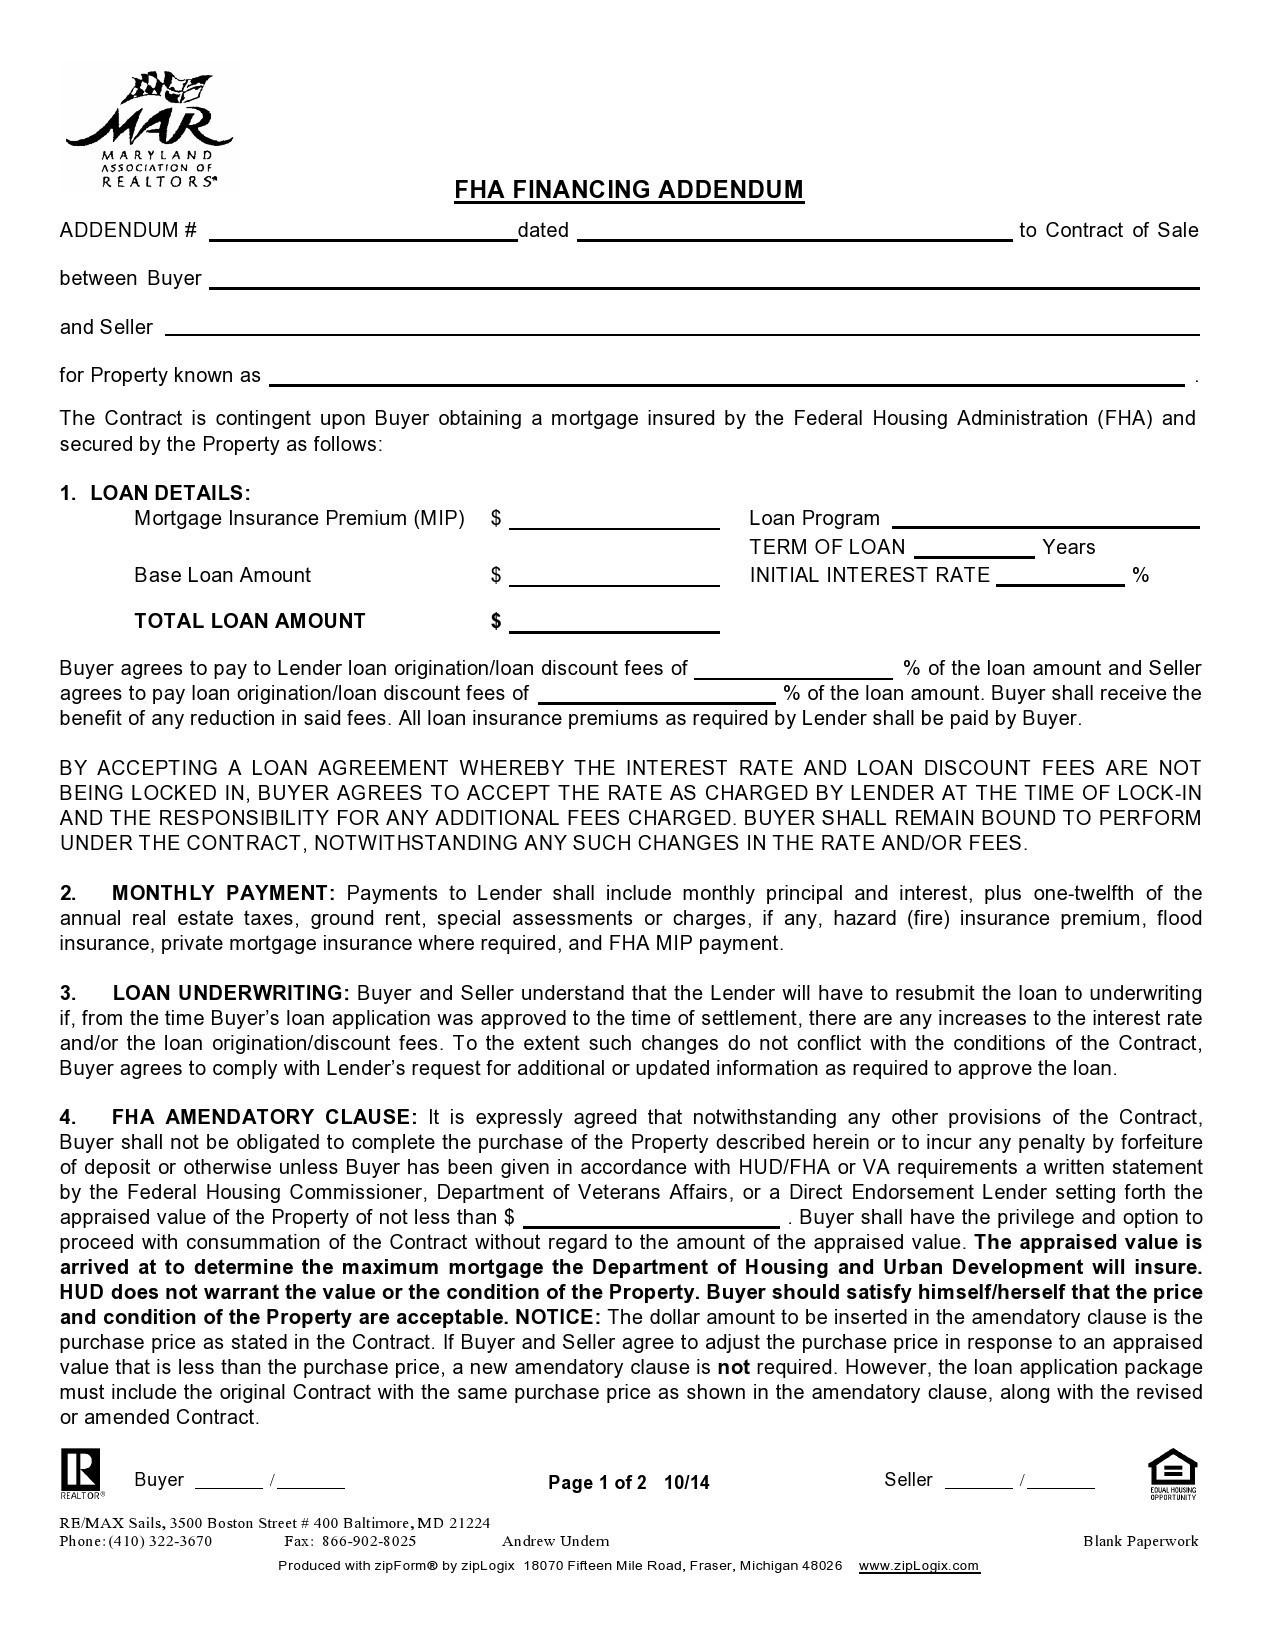 Free third party financing addendum 08